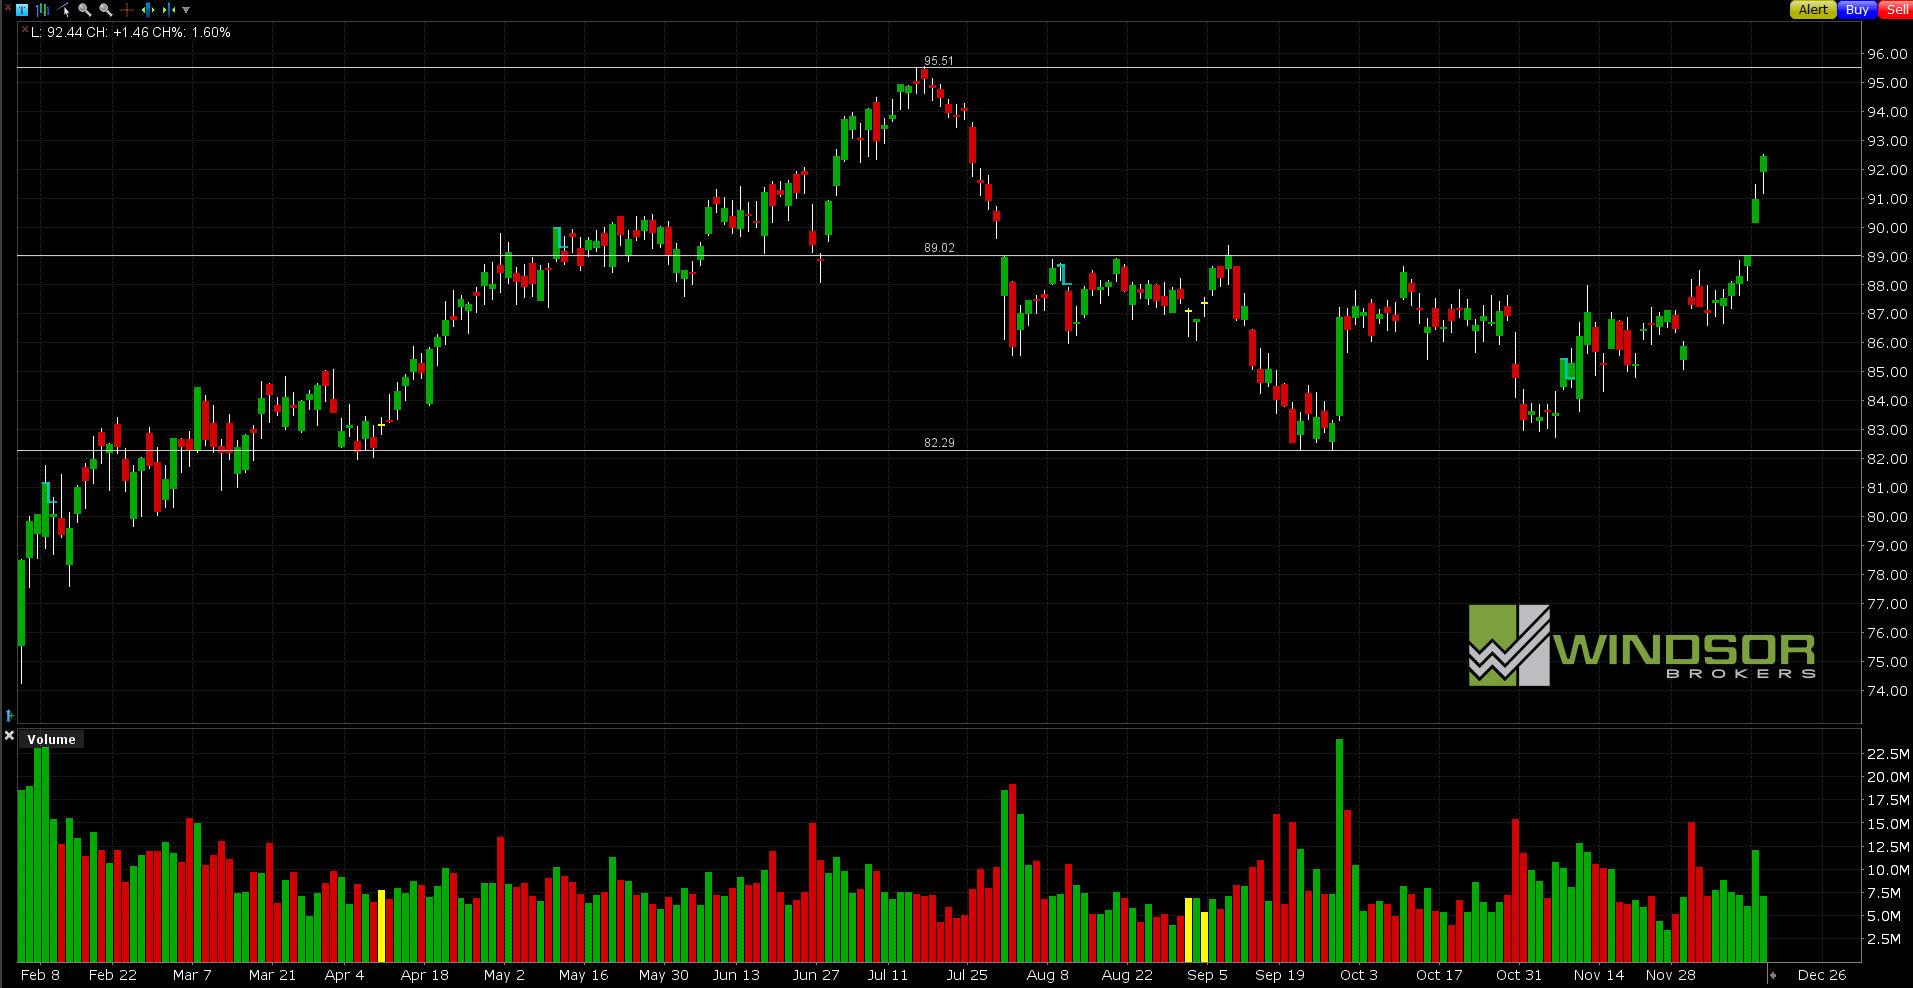 Wykres ExxonMobil dla interwału D1.